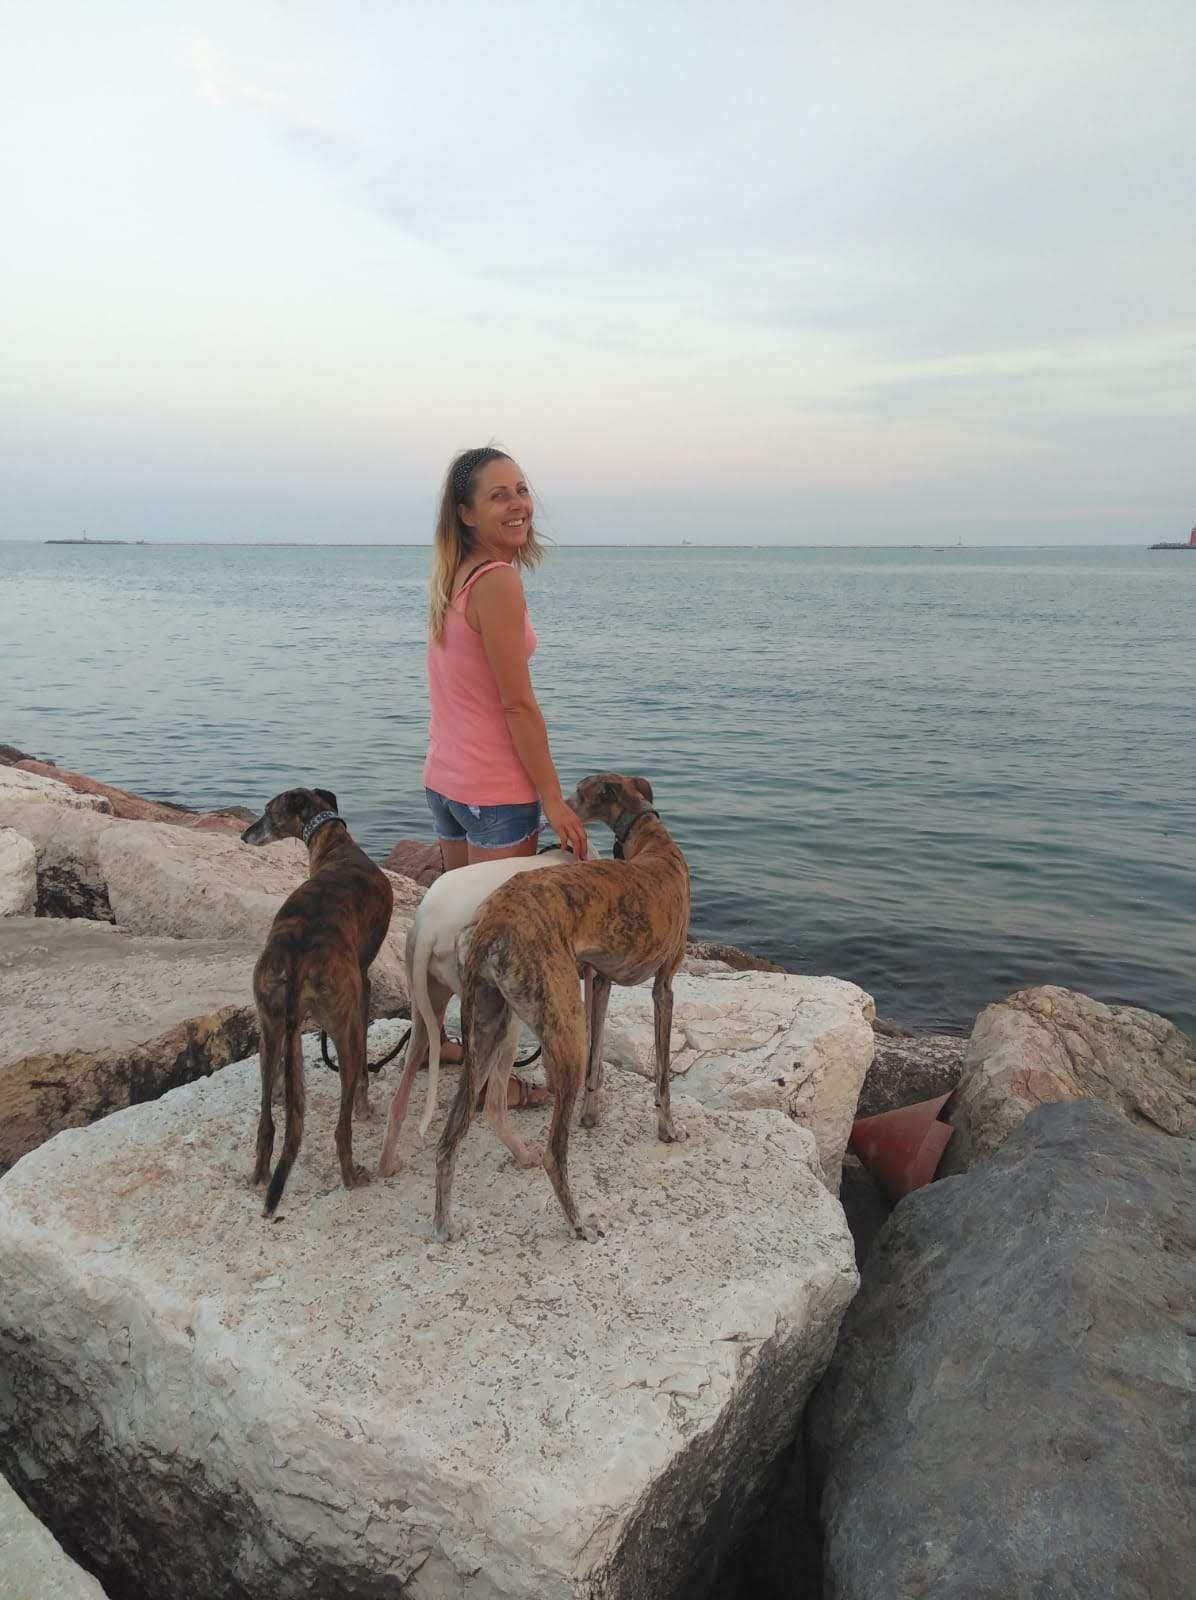 Urlaub Hund Italien Bungalow Strand Hundefreundlich Urlaub